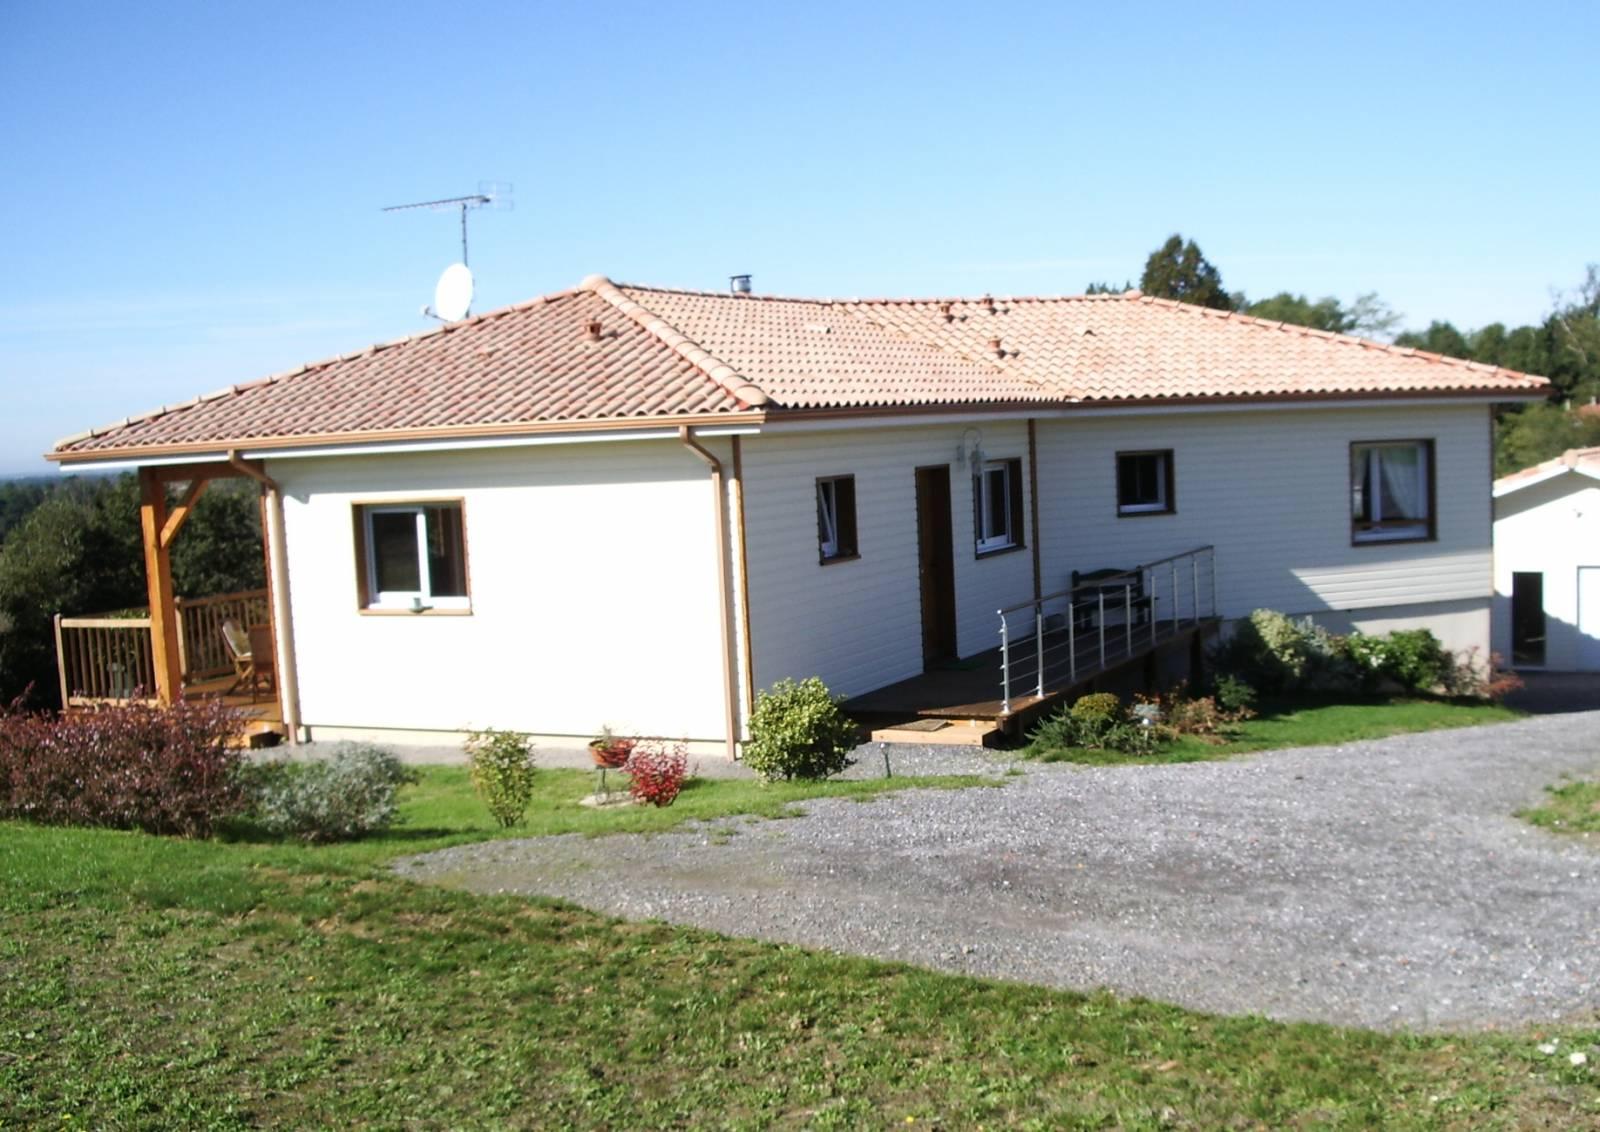 Maison construction bois r f 22 23 pr s de tartas dans for Constructeur de maison en bois dans les landes